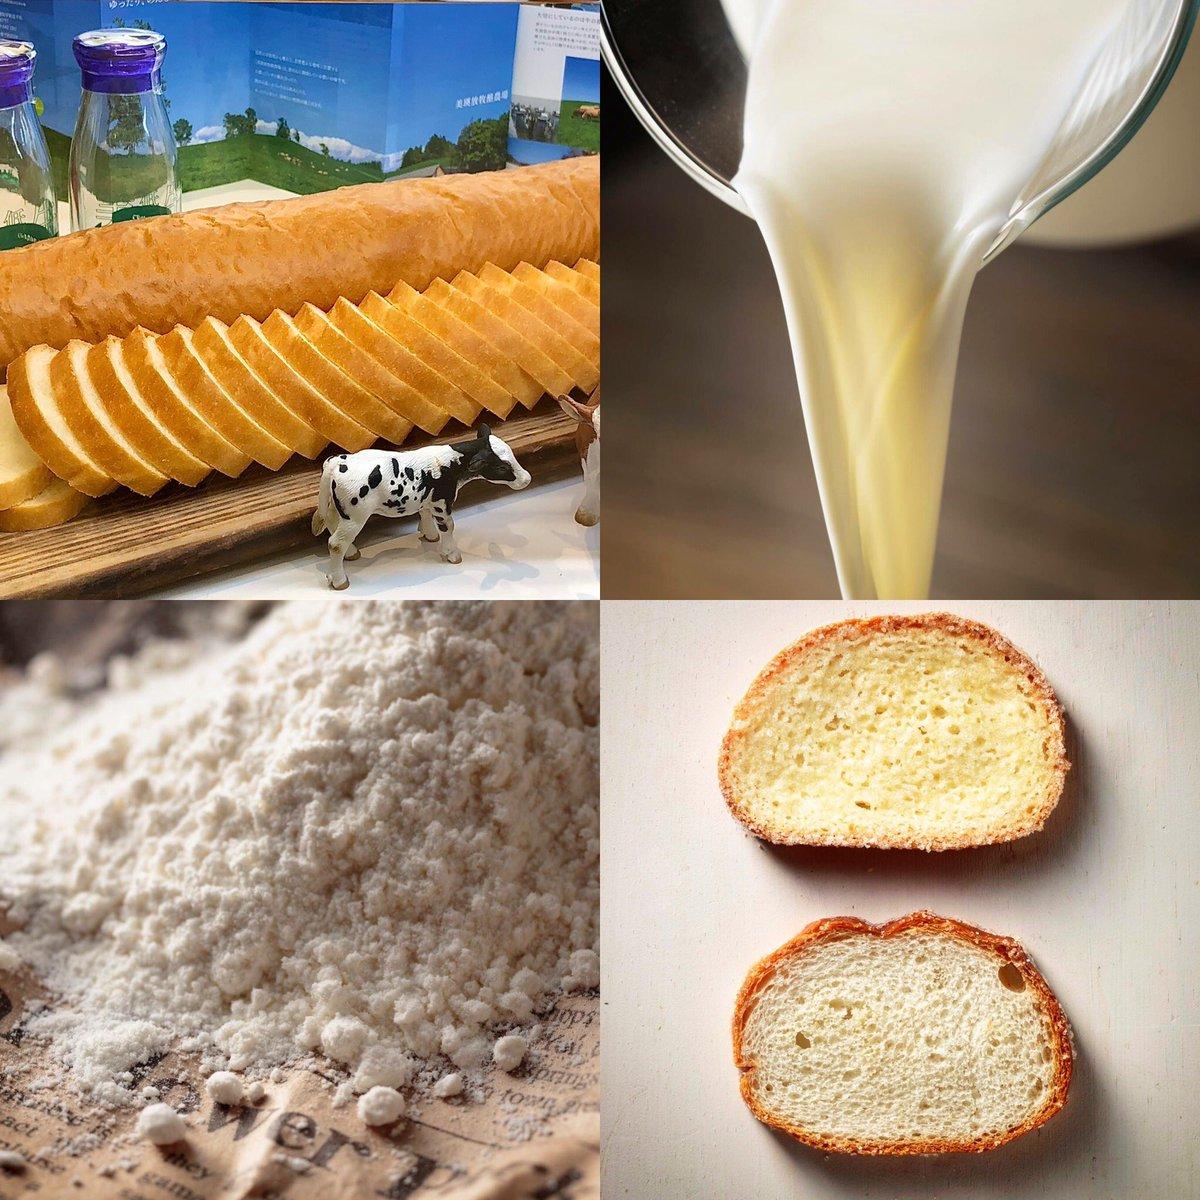 test ツイッターメディア - #バターラスク 専用に開発された牛乳仕込みのフランスパンは旨み深く香り高く、牛乳由来の乳脂肪分で軽やかな焼きあがり。芳醇なバターとの相性もバッチリ👍  おやつに贈り物に、濃厚な美味しさがサックり解けるバターラスクをぜひ。  ご注文はこちらから。 https://t.co/qgJXG8MMLW #たくみにしかわ https://t.co/tCObMQWl2N